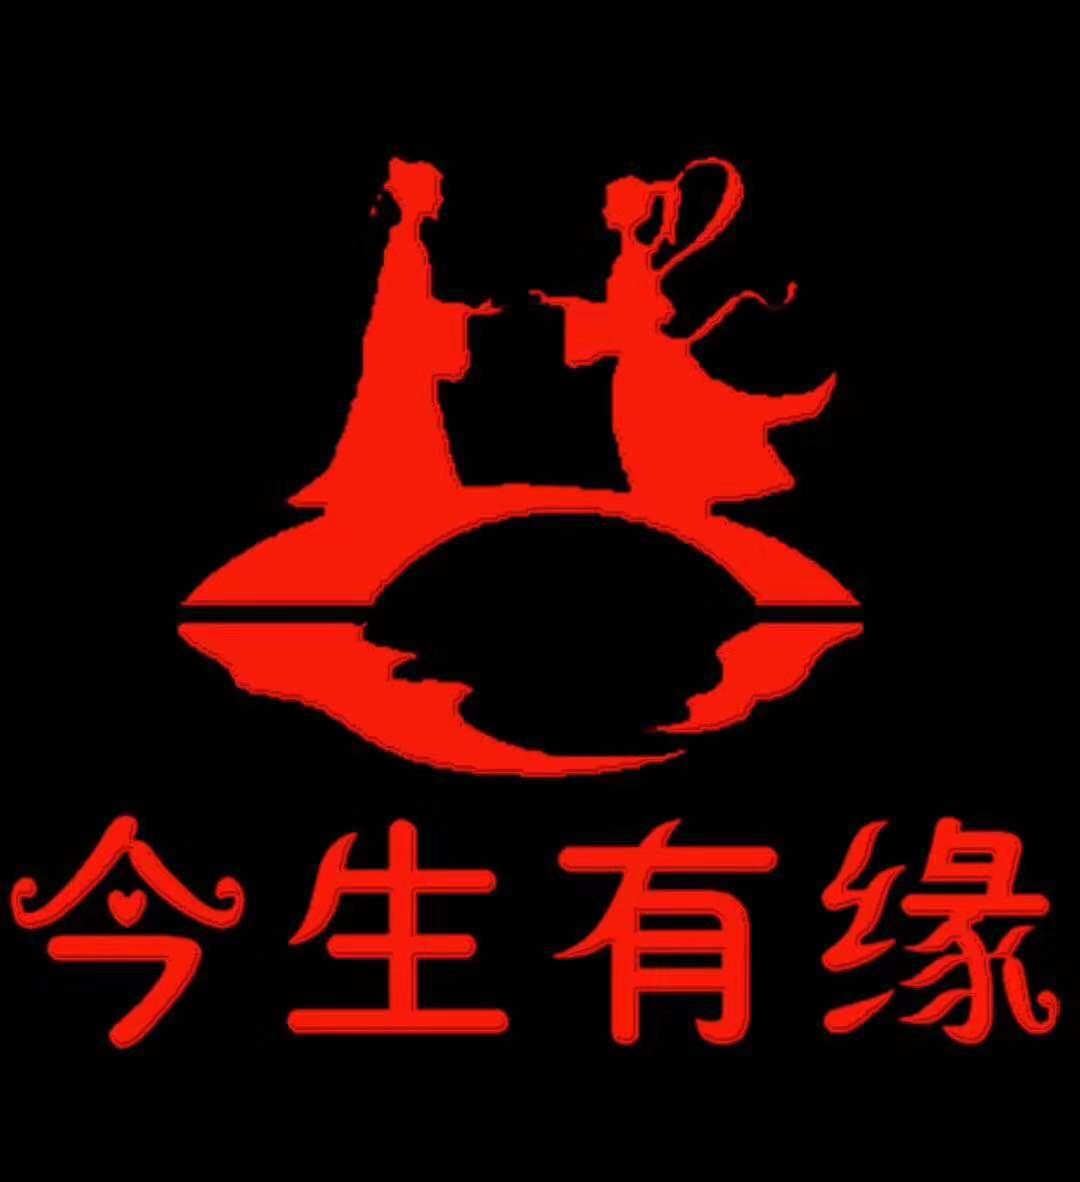 徐州今生有缘婚姻服务有限公司